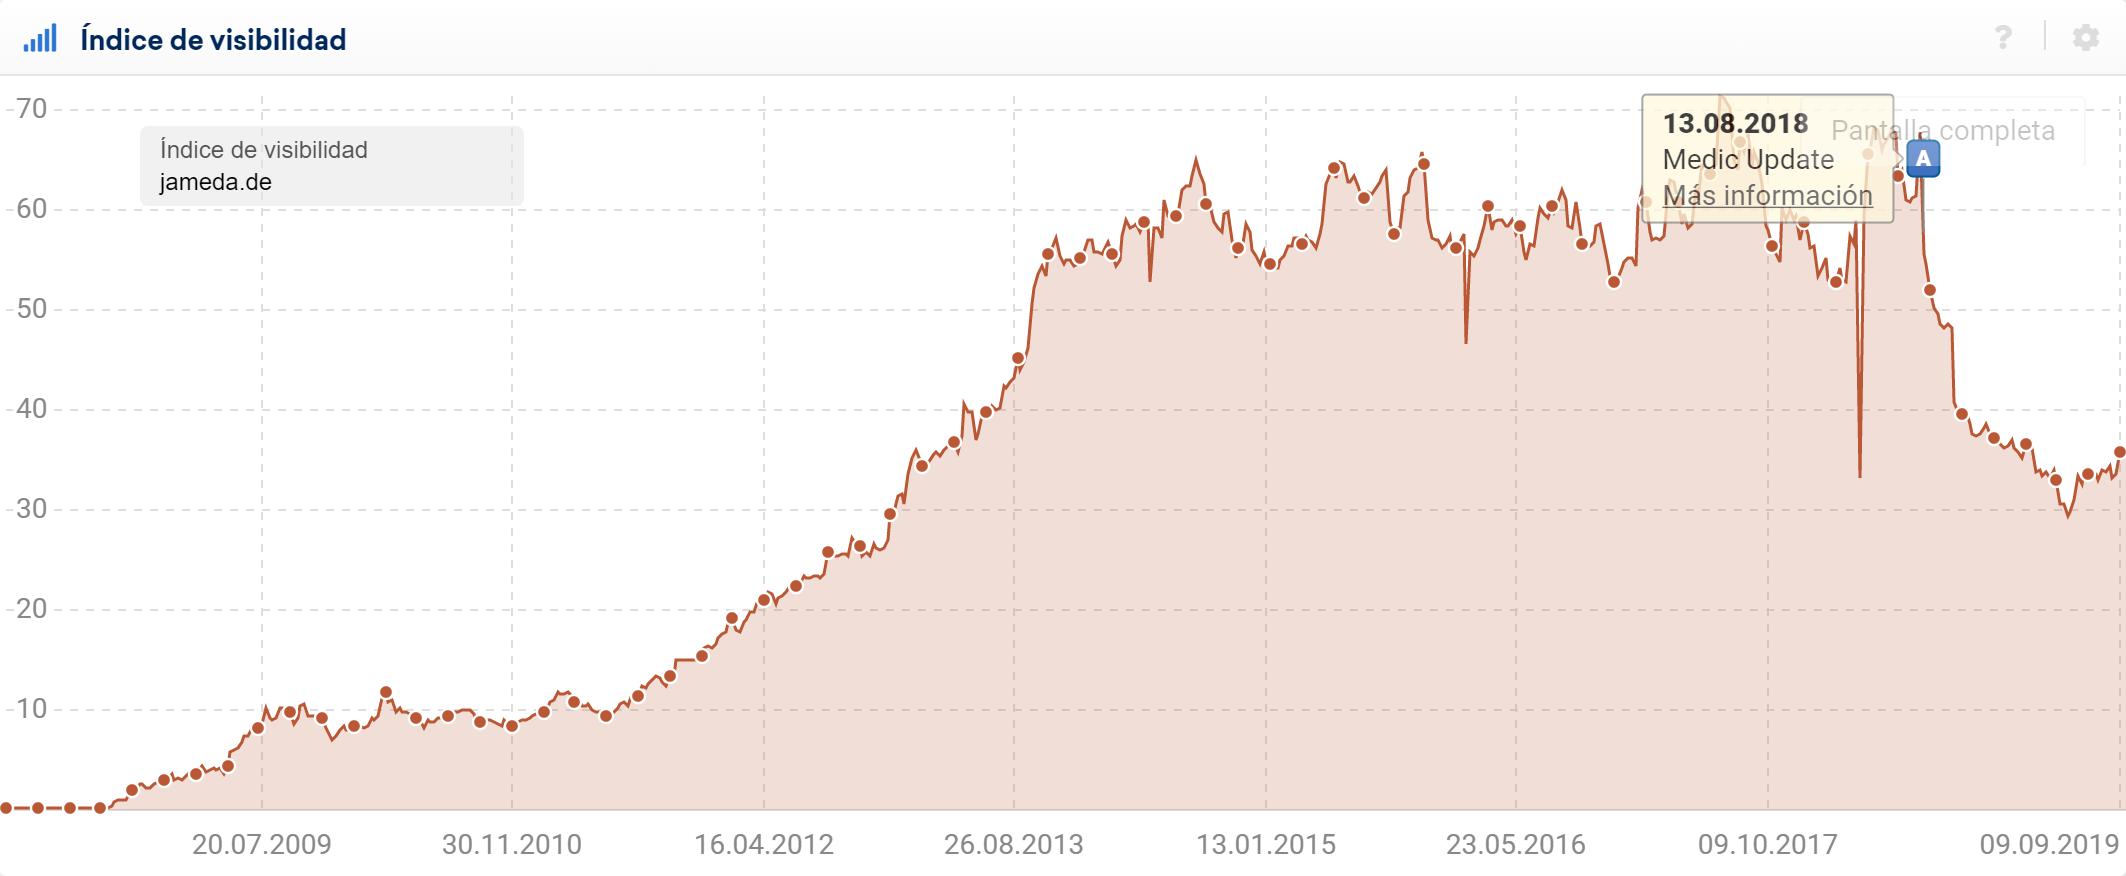 Gráfica del índice de visibilidad de un dominio que se vio afectado por la actualización Medic update el día 13.08.2019.